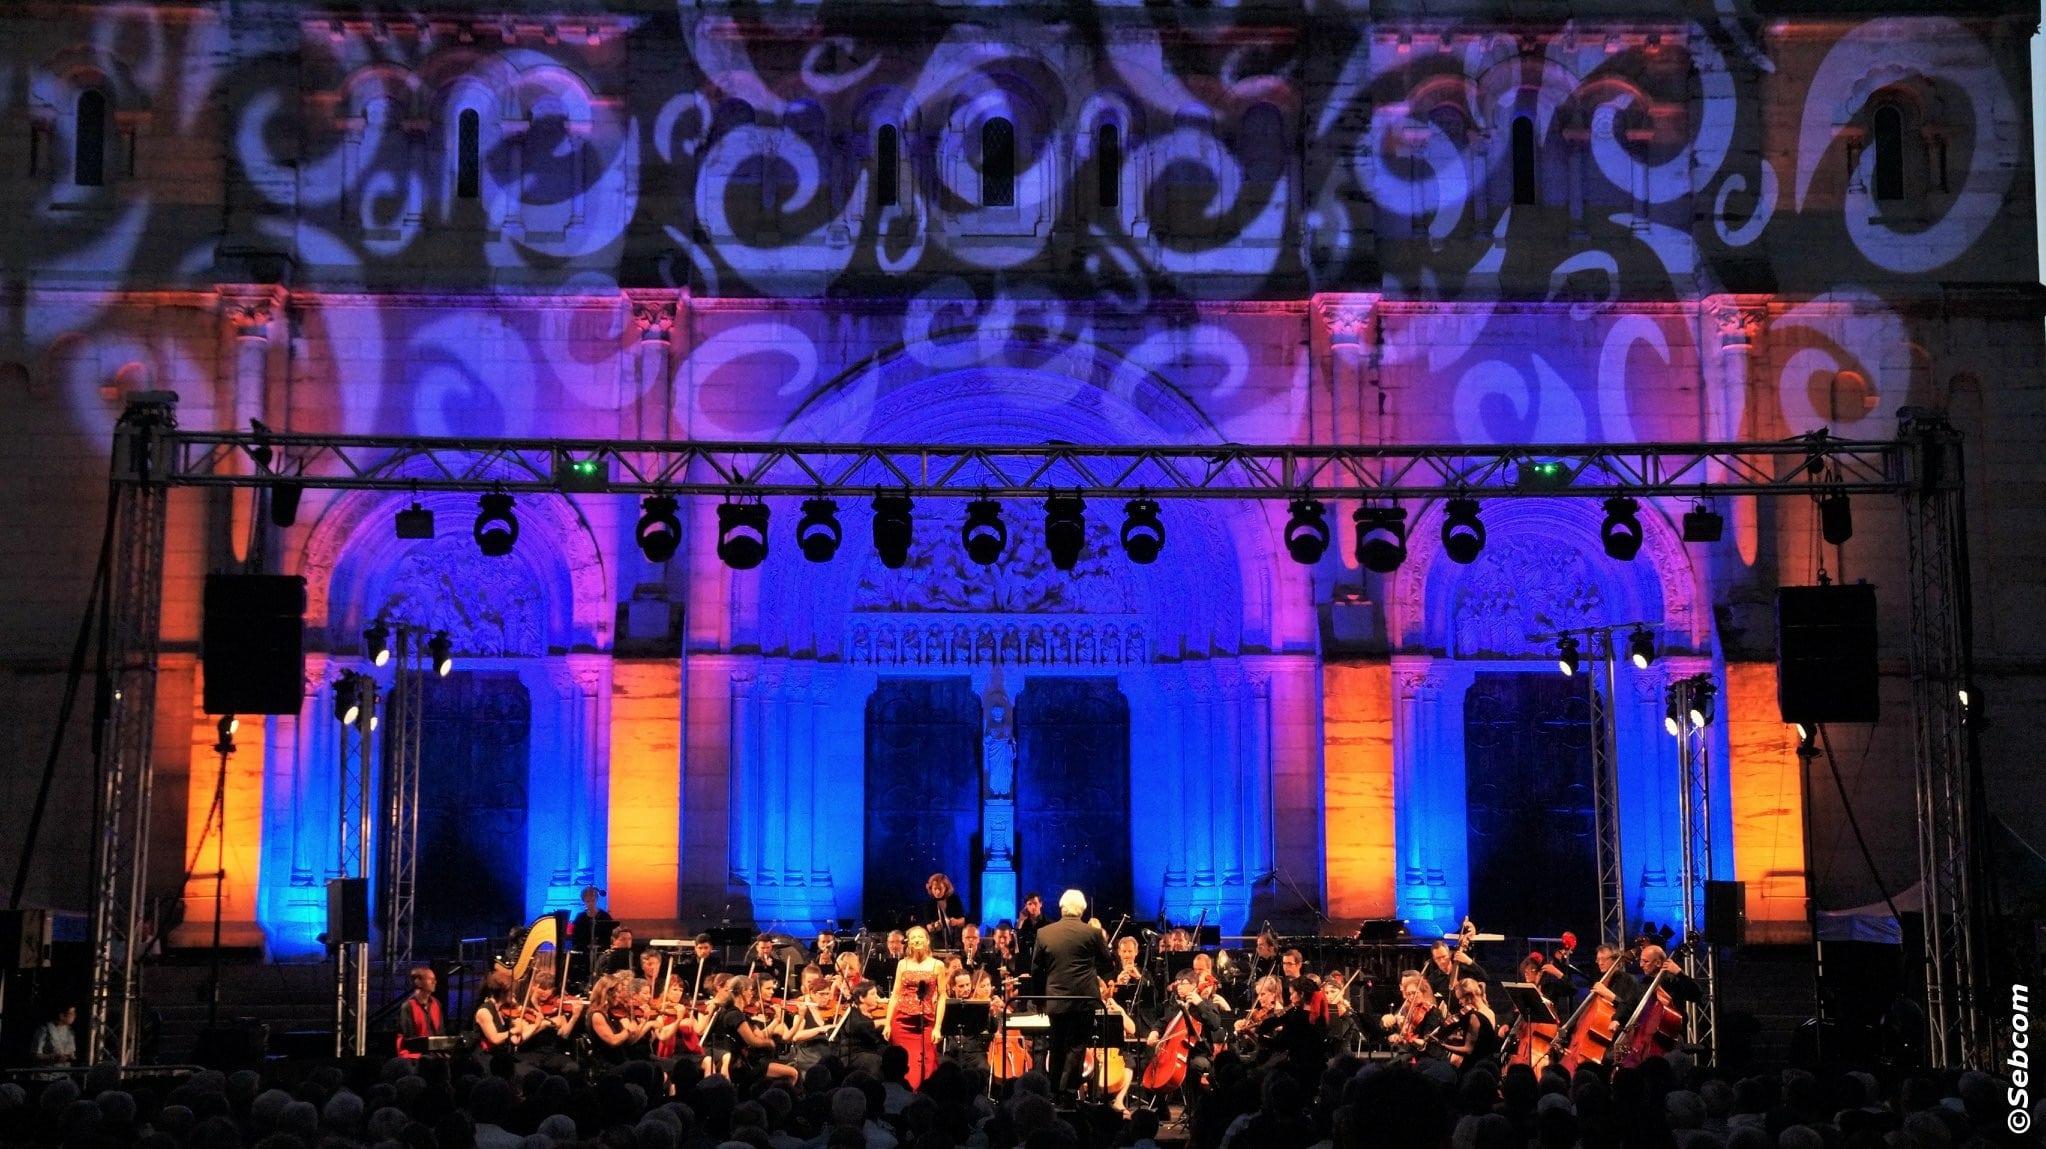 Zarzuella avec l'Orchestre Symphonique de Mâcon